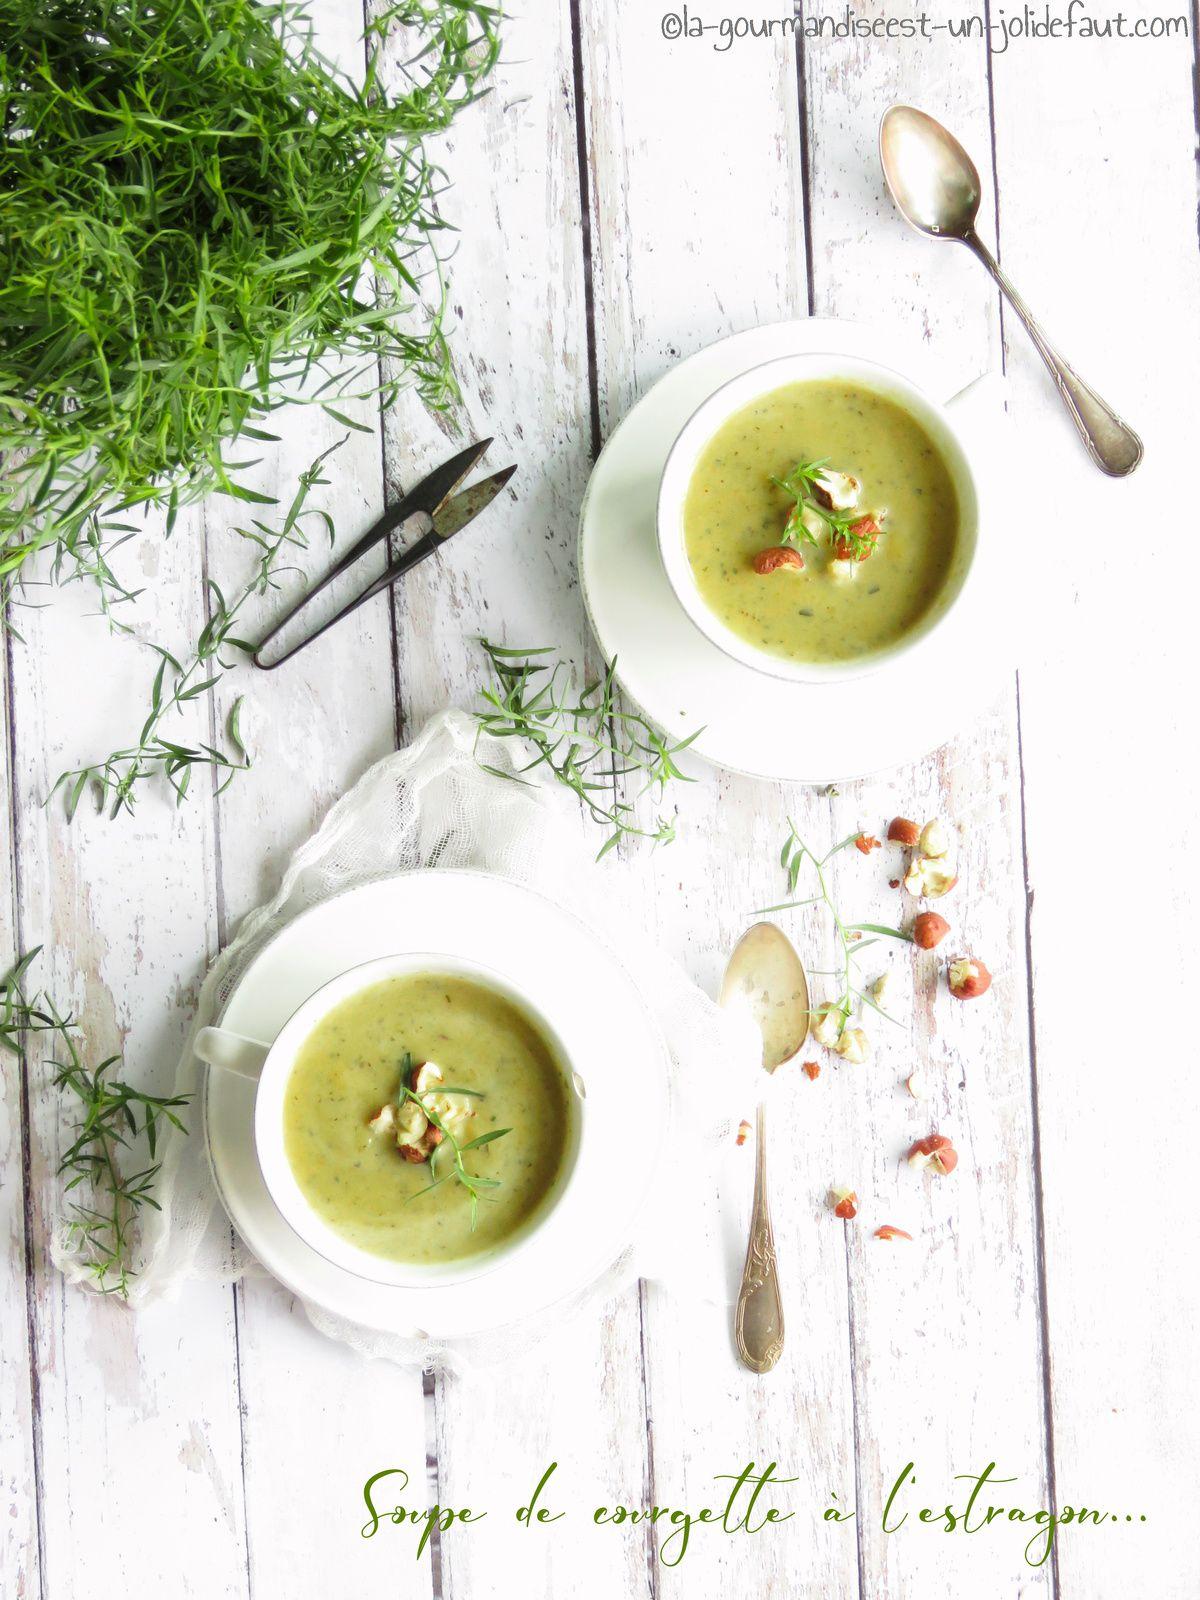 Soupe de courgette et poivron à l'estragon